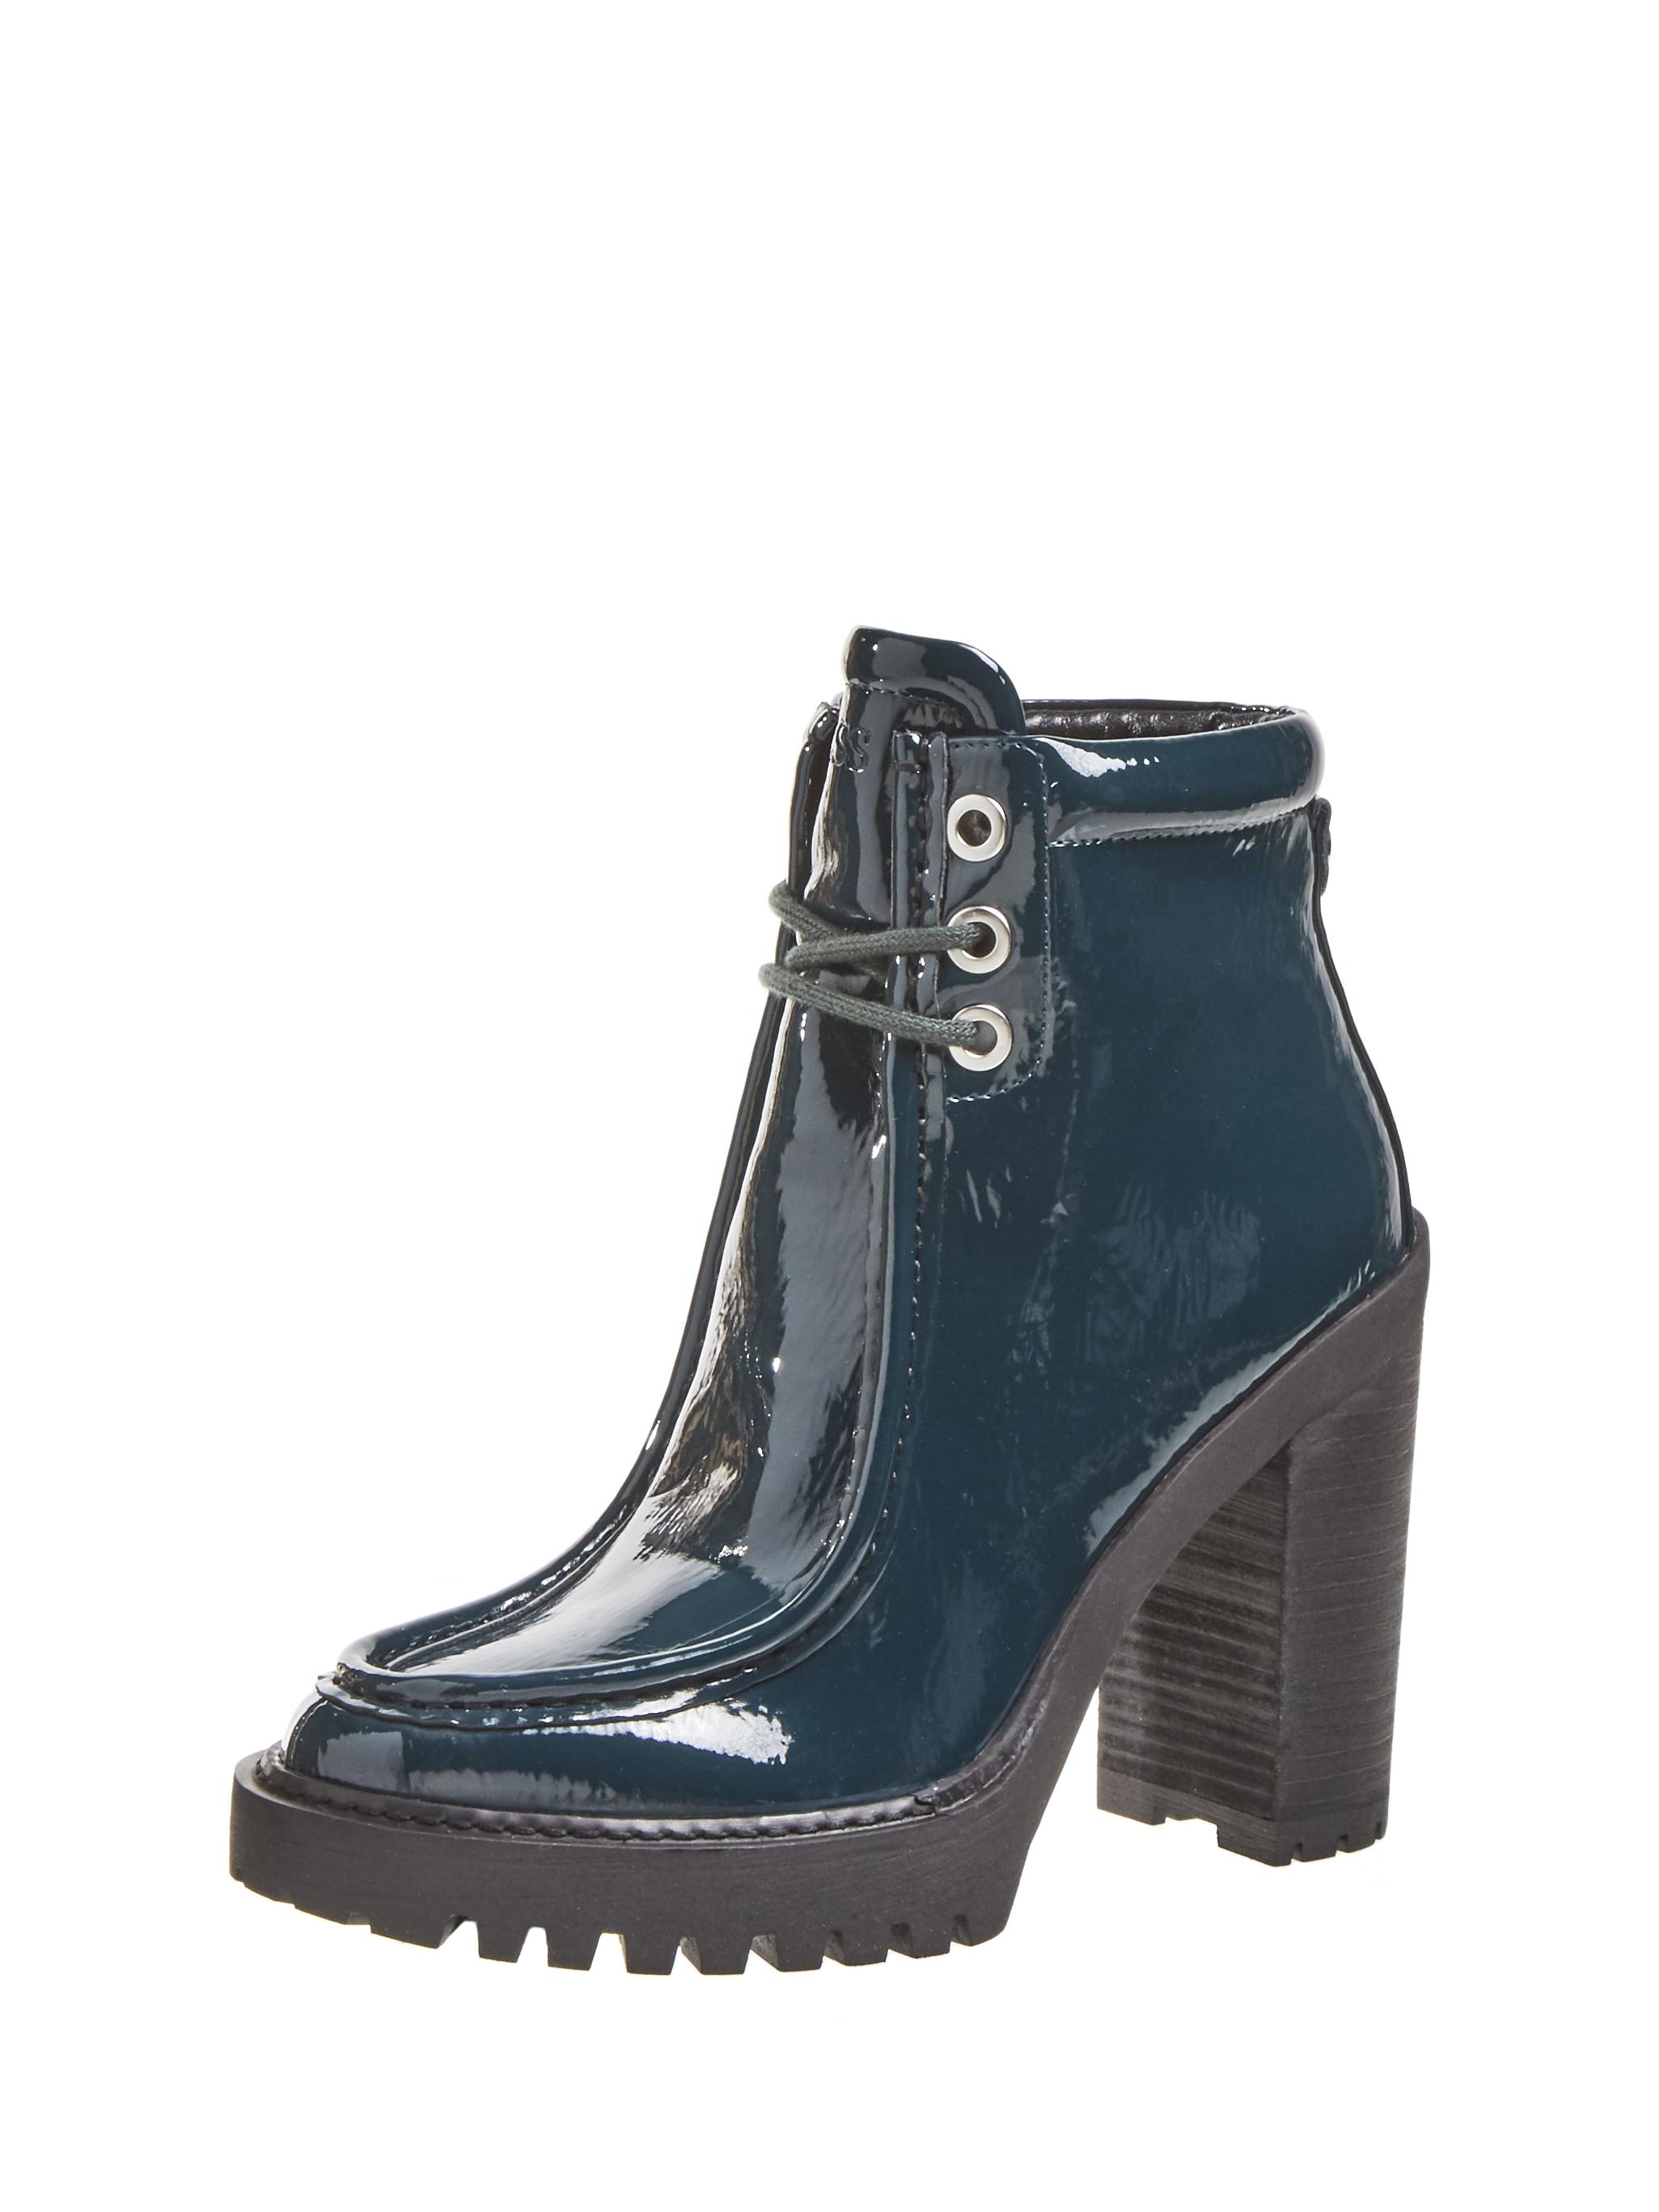 GUESS%20Footwear%20 %20FL8ACYELE10 GREEN - GUESS presenta sus accesorios de hombre y mujer para temporada Otoño-Invierno 2020